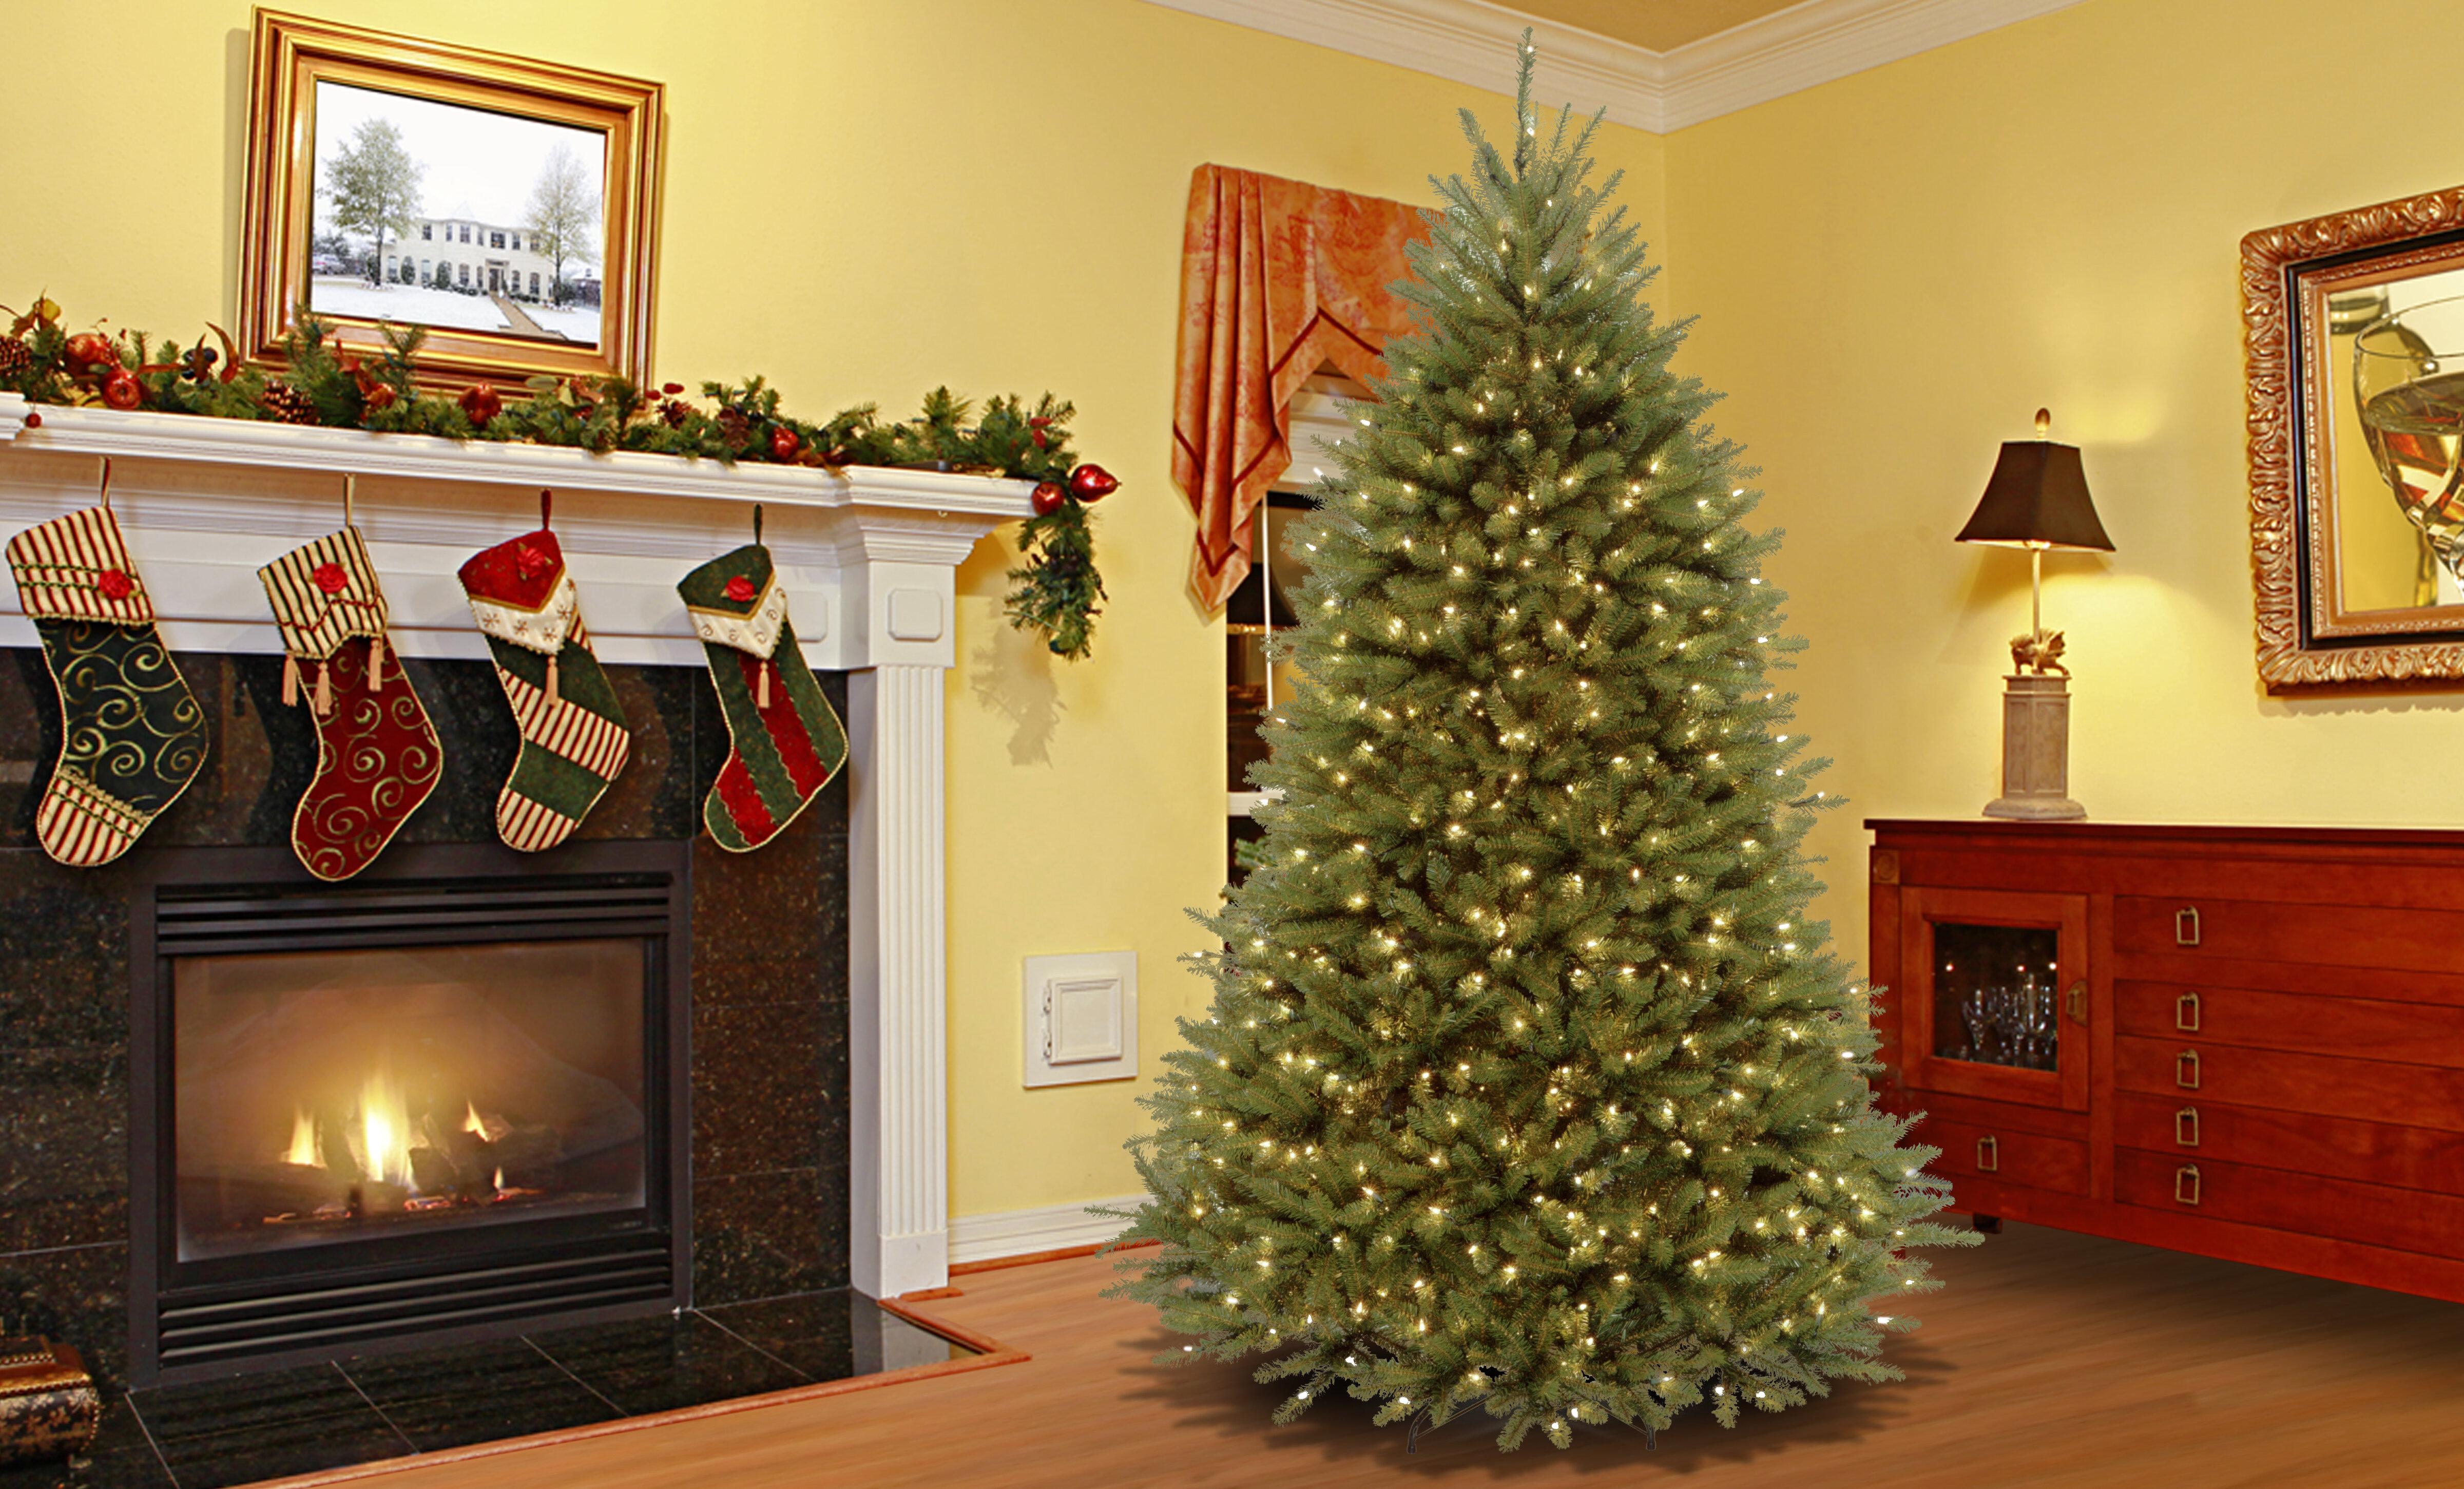 Mercer hinged fir trees green fir trees artificial